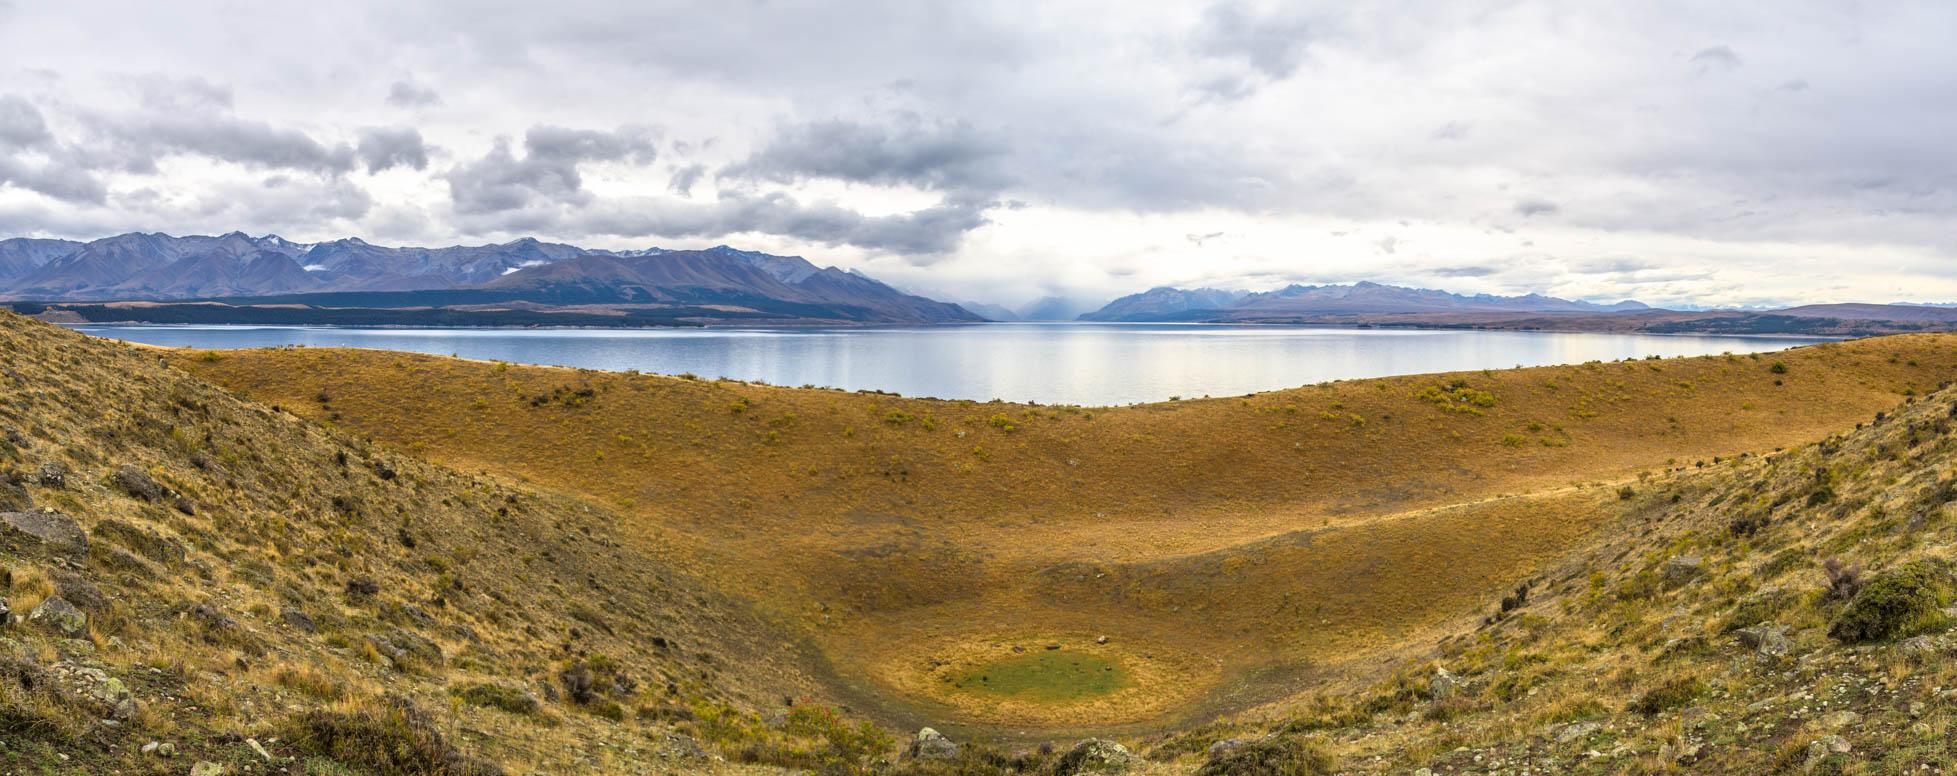 Die sichtbare Staumoräne war das ursprüngliche Ende des Gletschers, bevor der Pukaki See entstand.